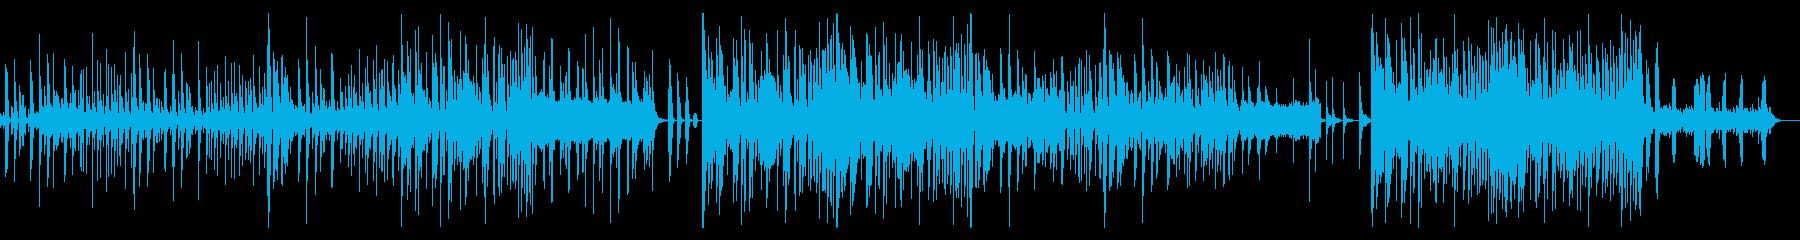 うきうき_ワクワクの再生済みの波形